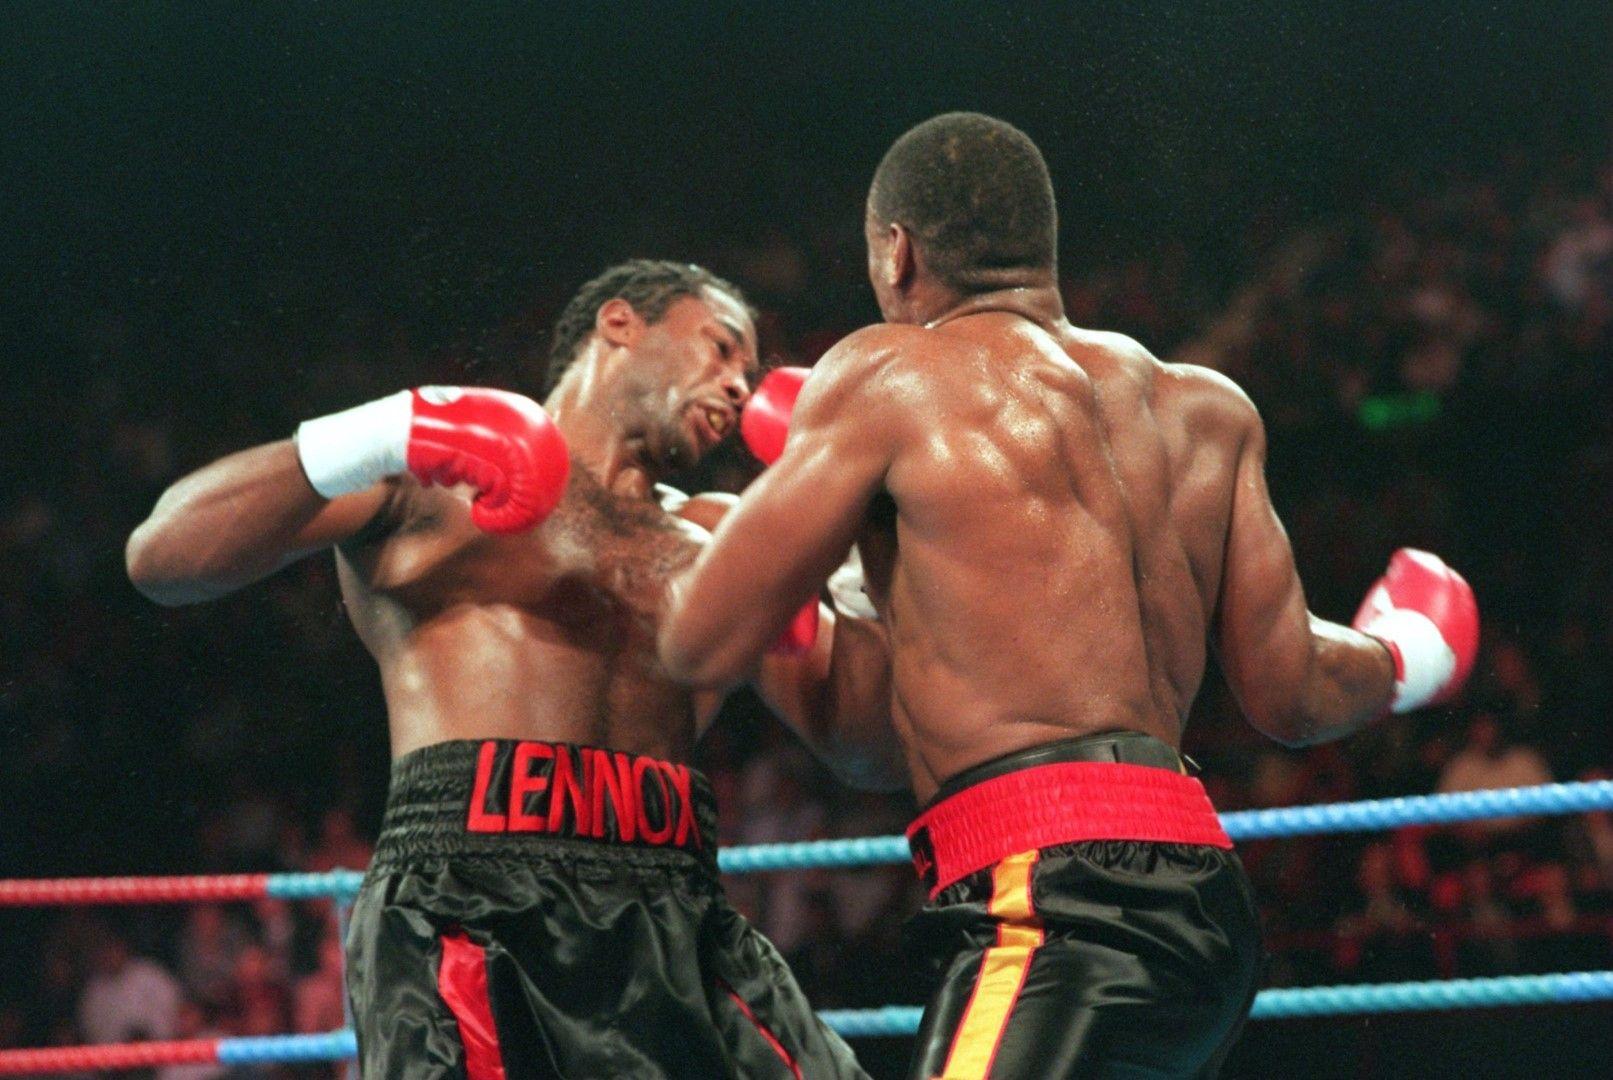 Оливър Маккол побеждава Ленъкс Люис, 1994 г.